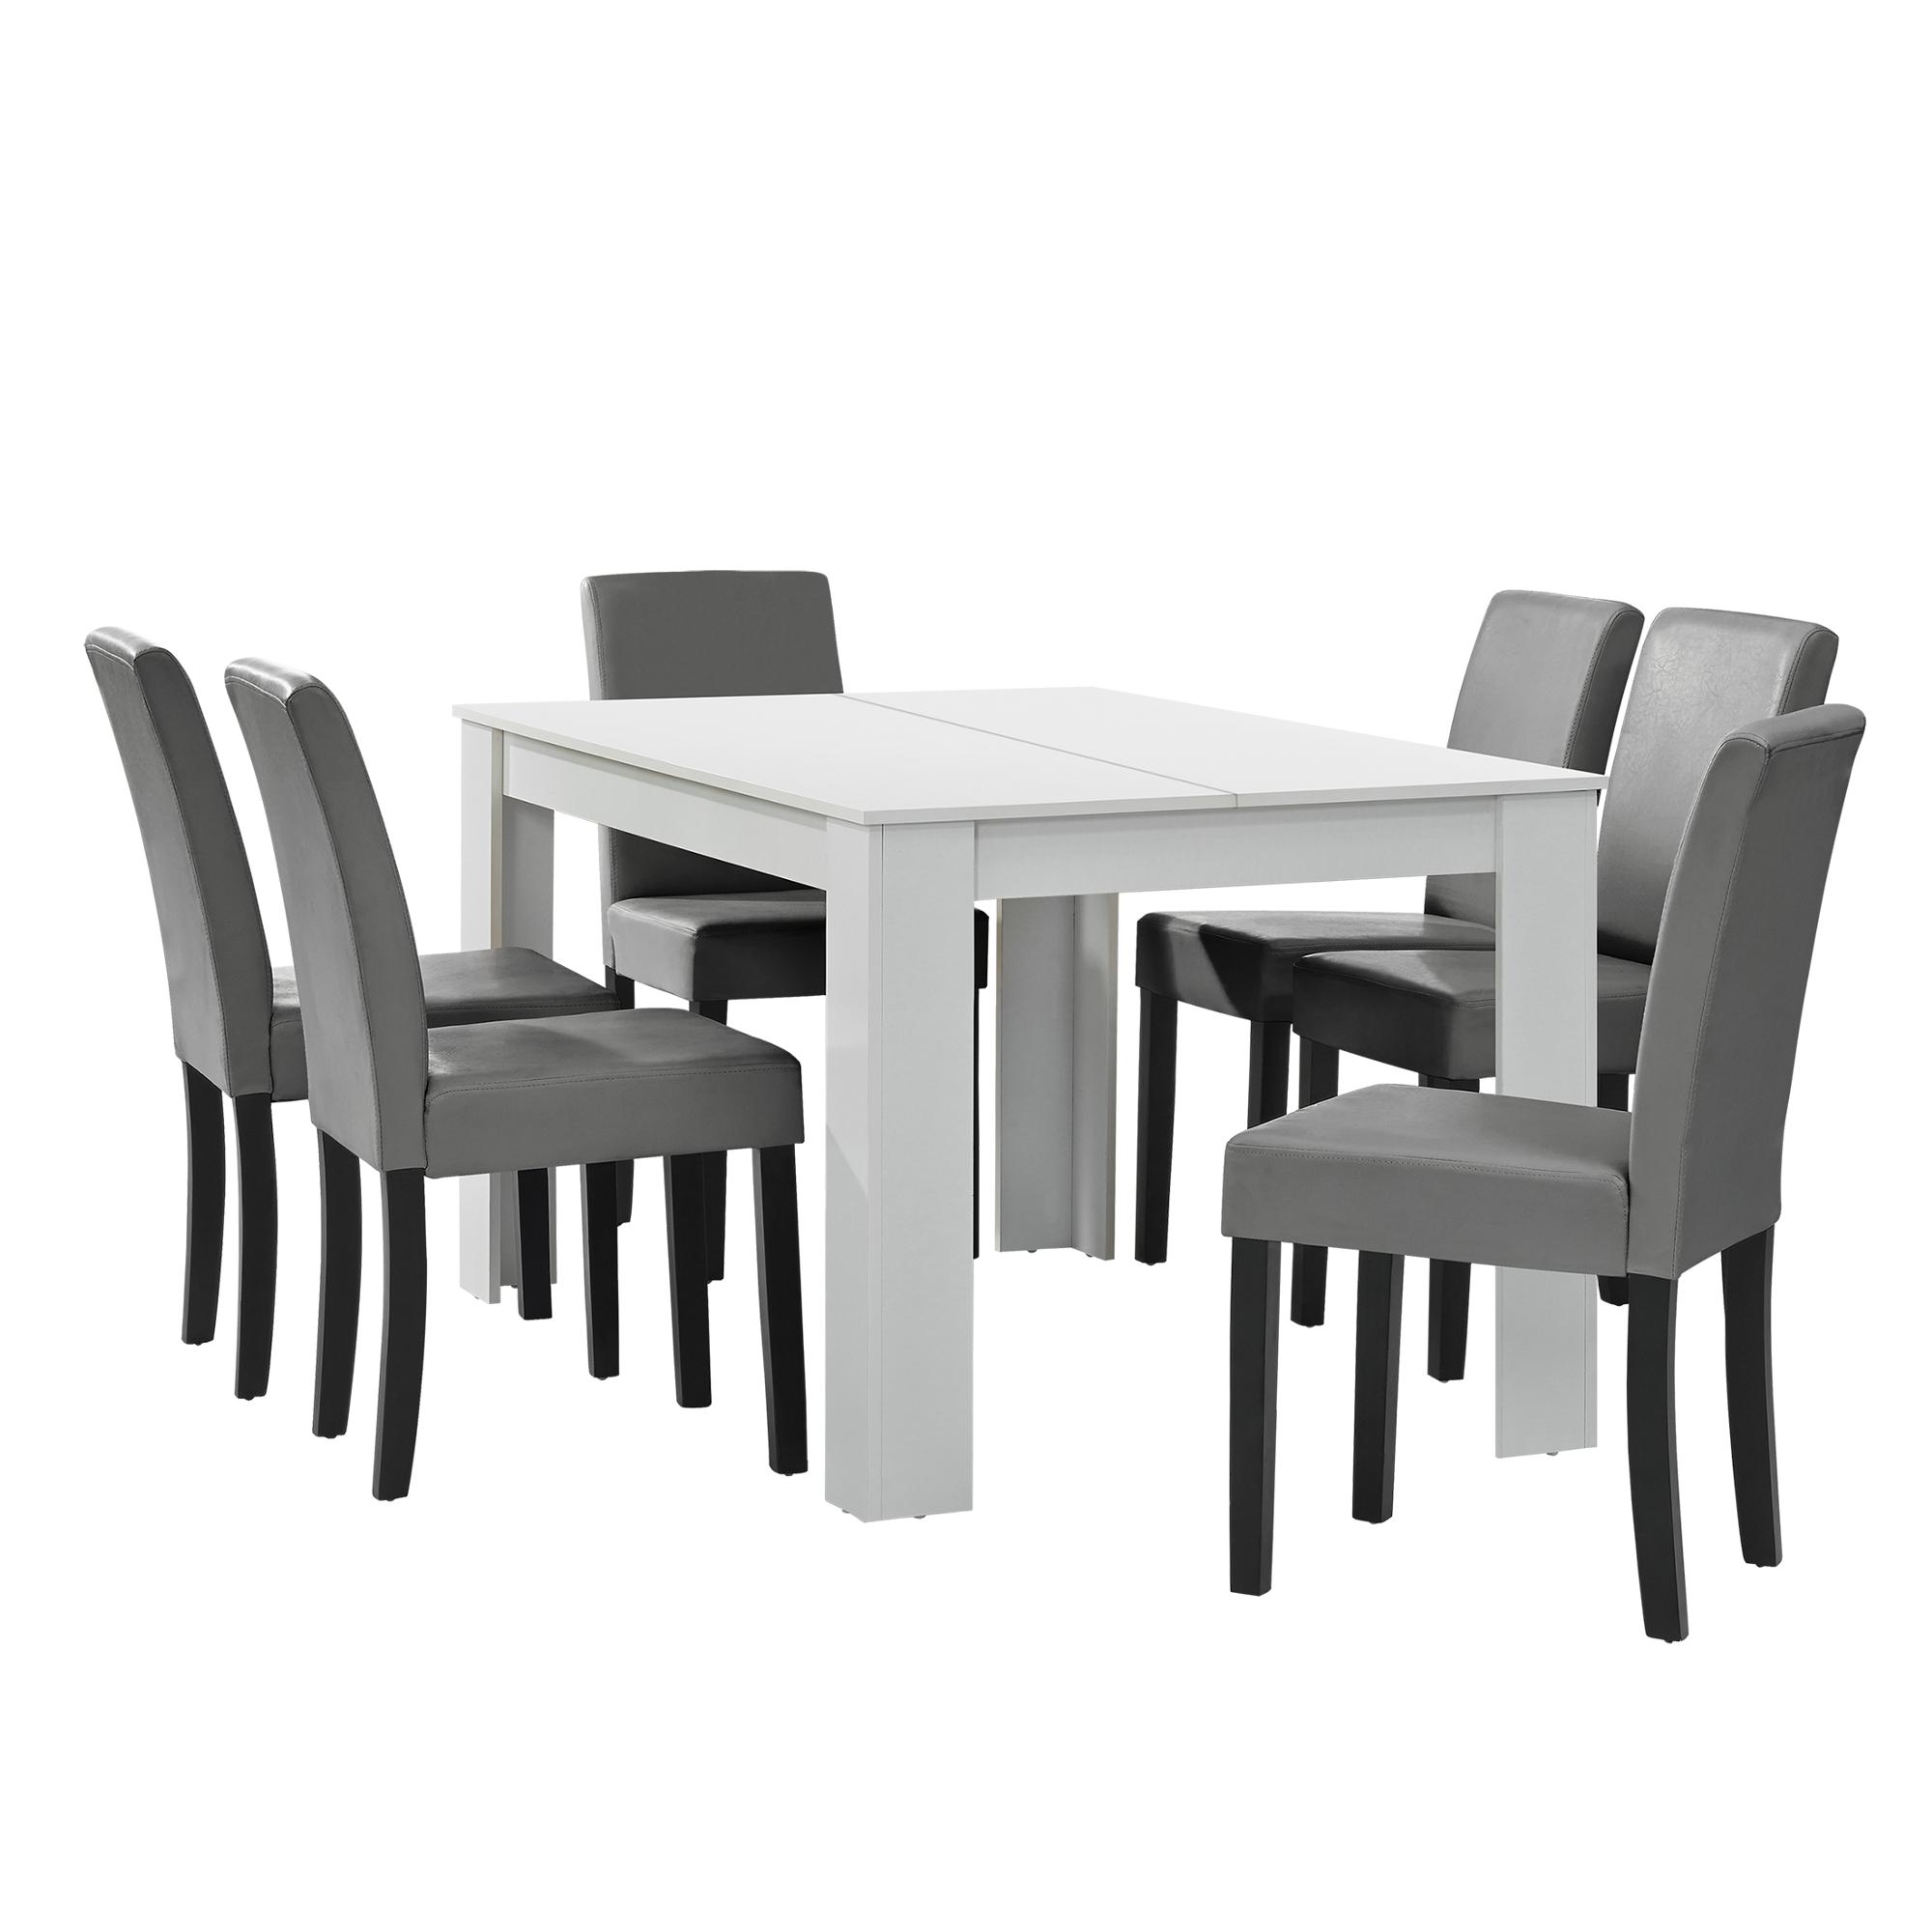 esstisch wei mit 6 st hlen hellgrau 140x90 tisch st hle essgruppe ebay. Black Bedroom Furniture Sets. Home Design Ideas